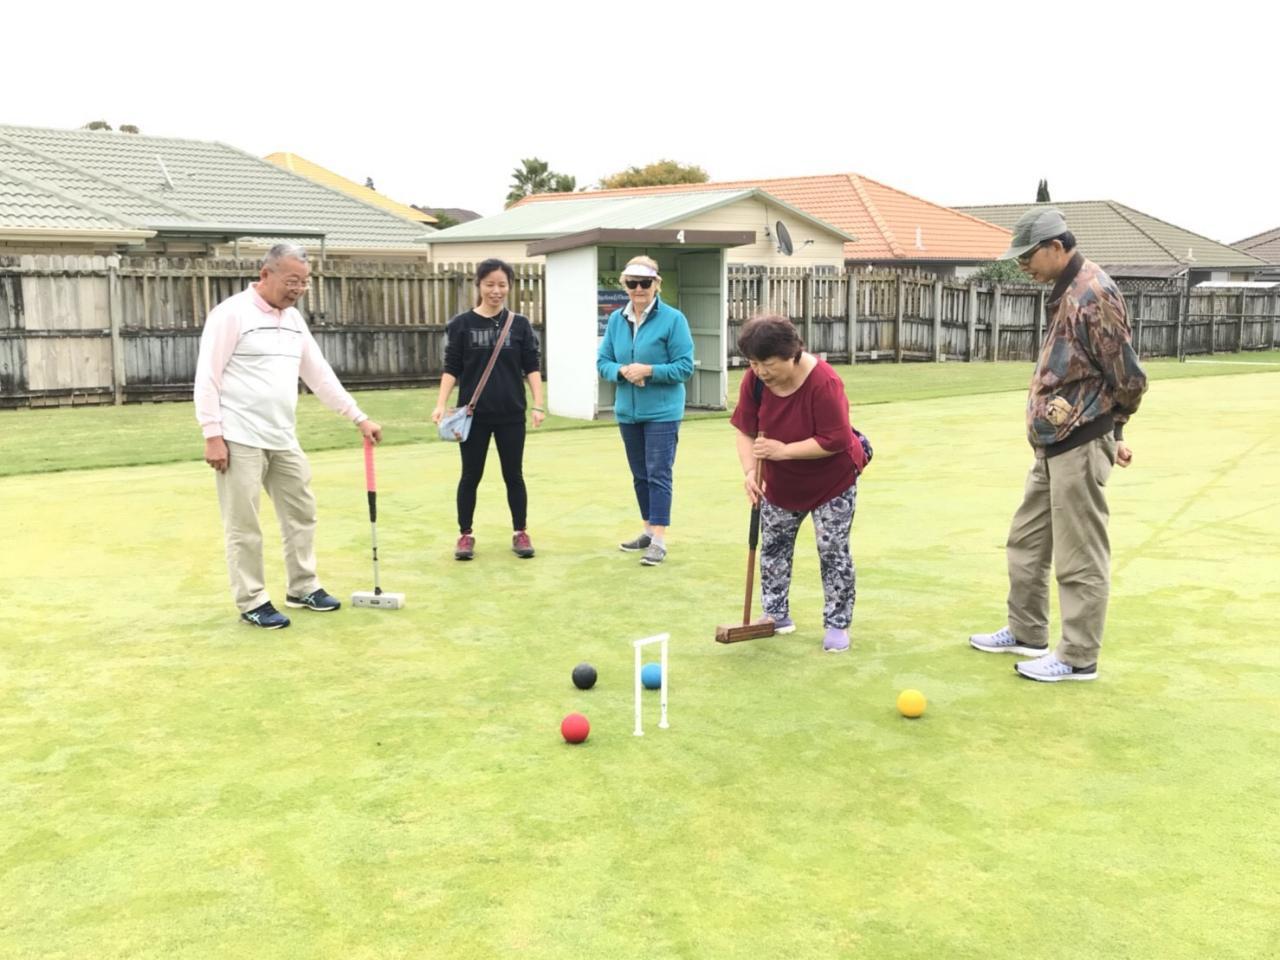 紐西蘭臺灣婦女會「歡慶母親節槌球聯誼」活動場景